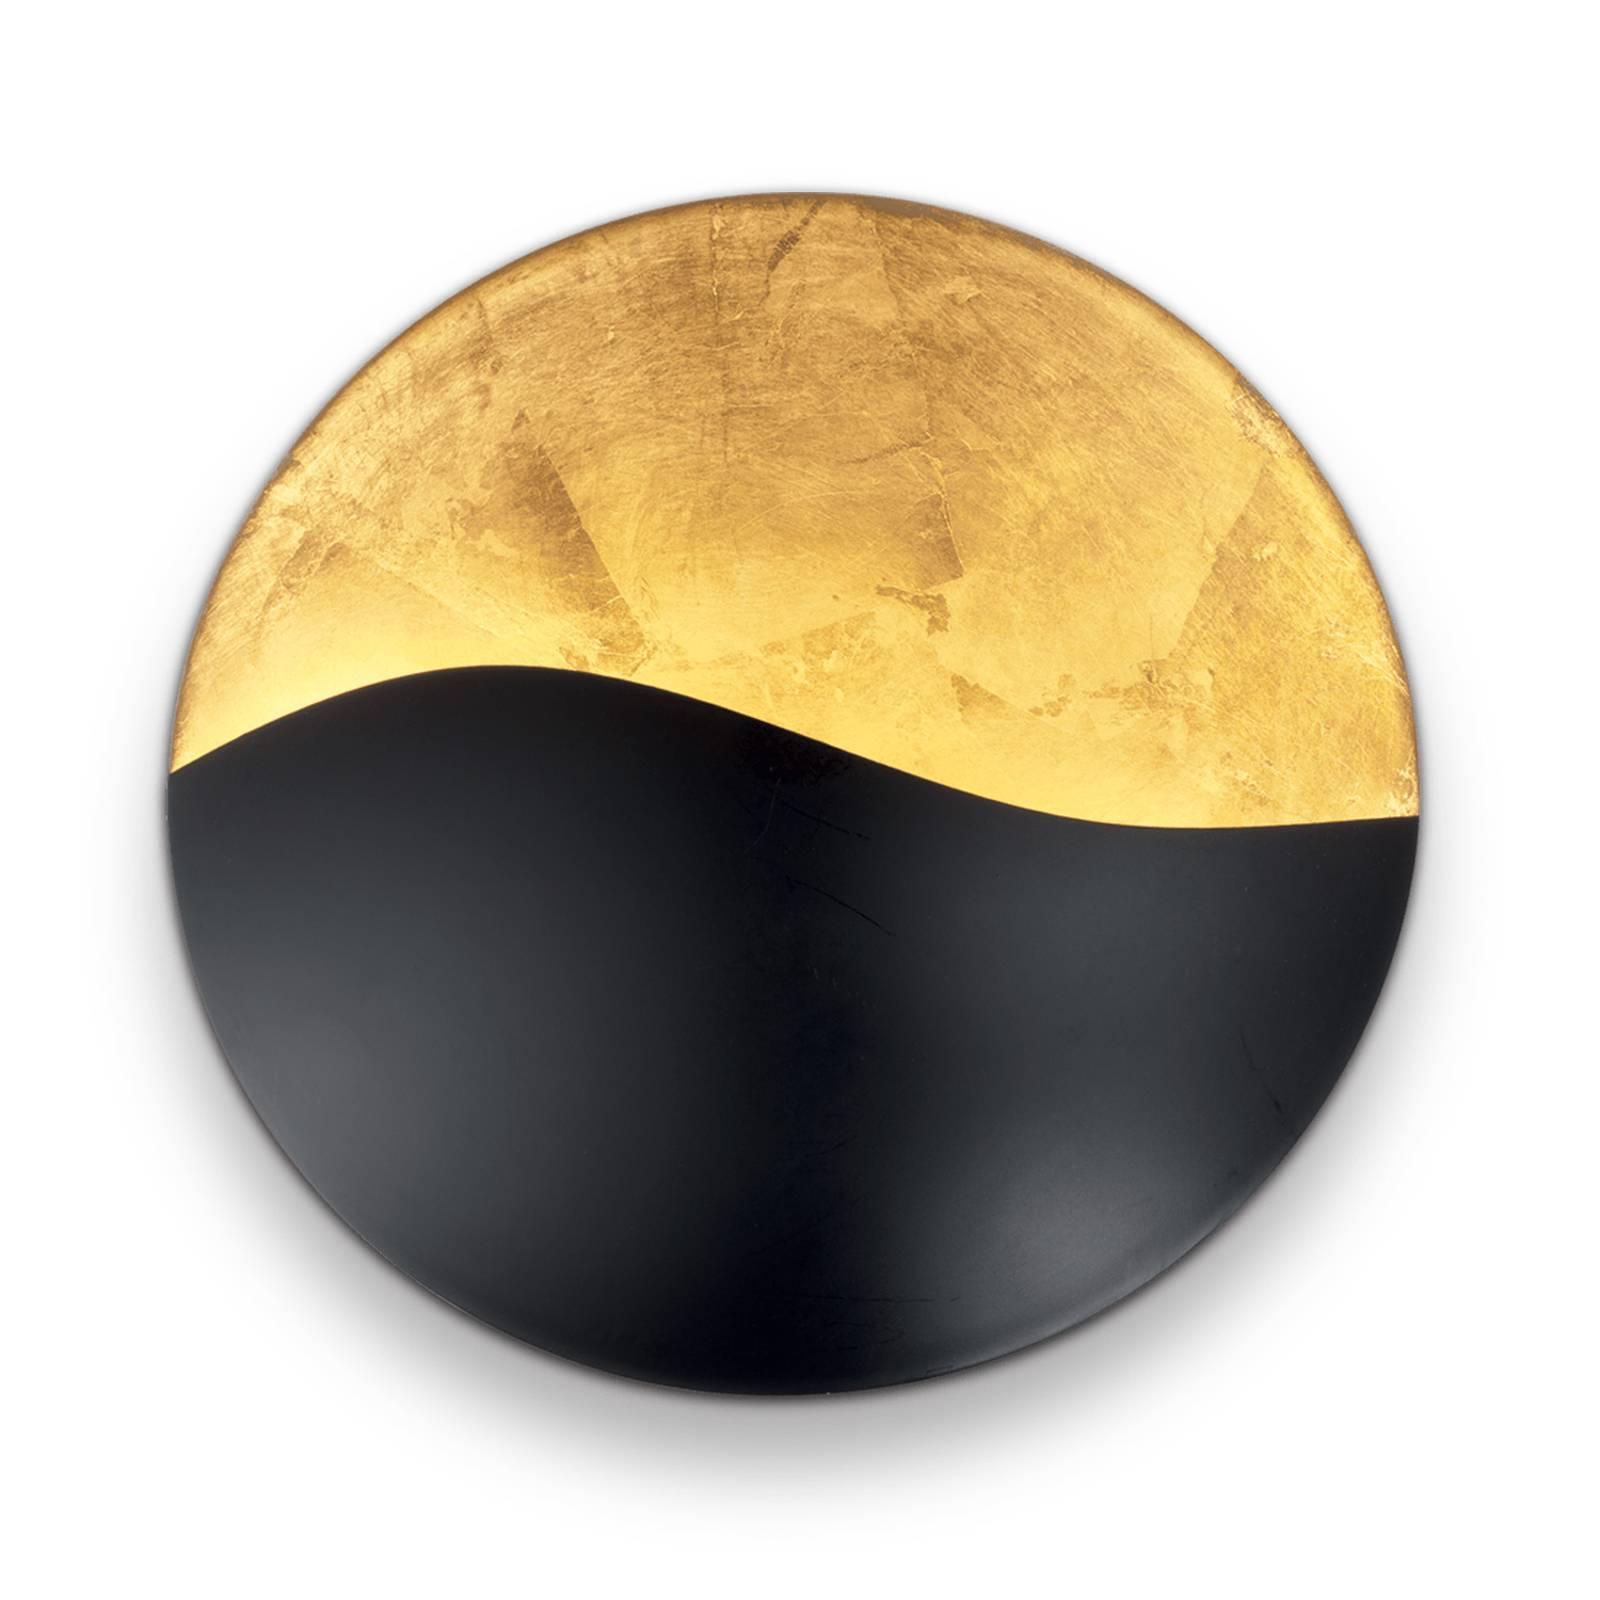 Wandleuchte Sunrise G9, schwarz / gold, Ø 35 cm